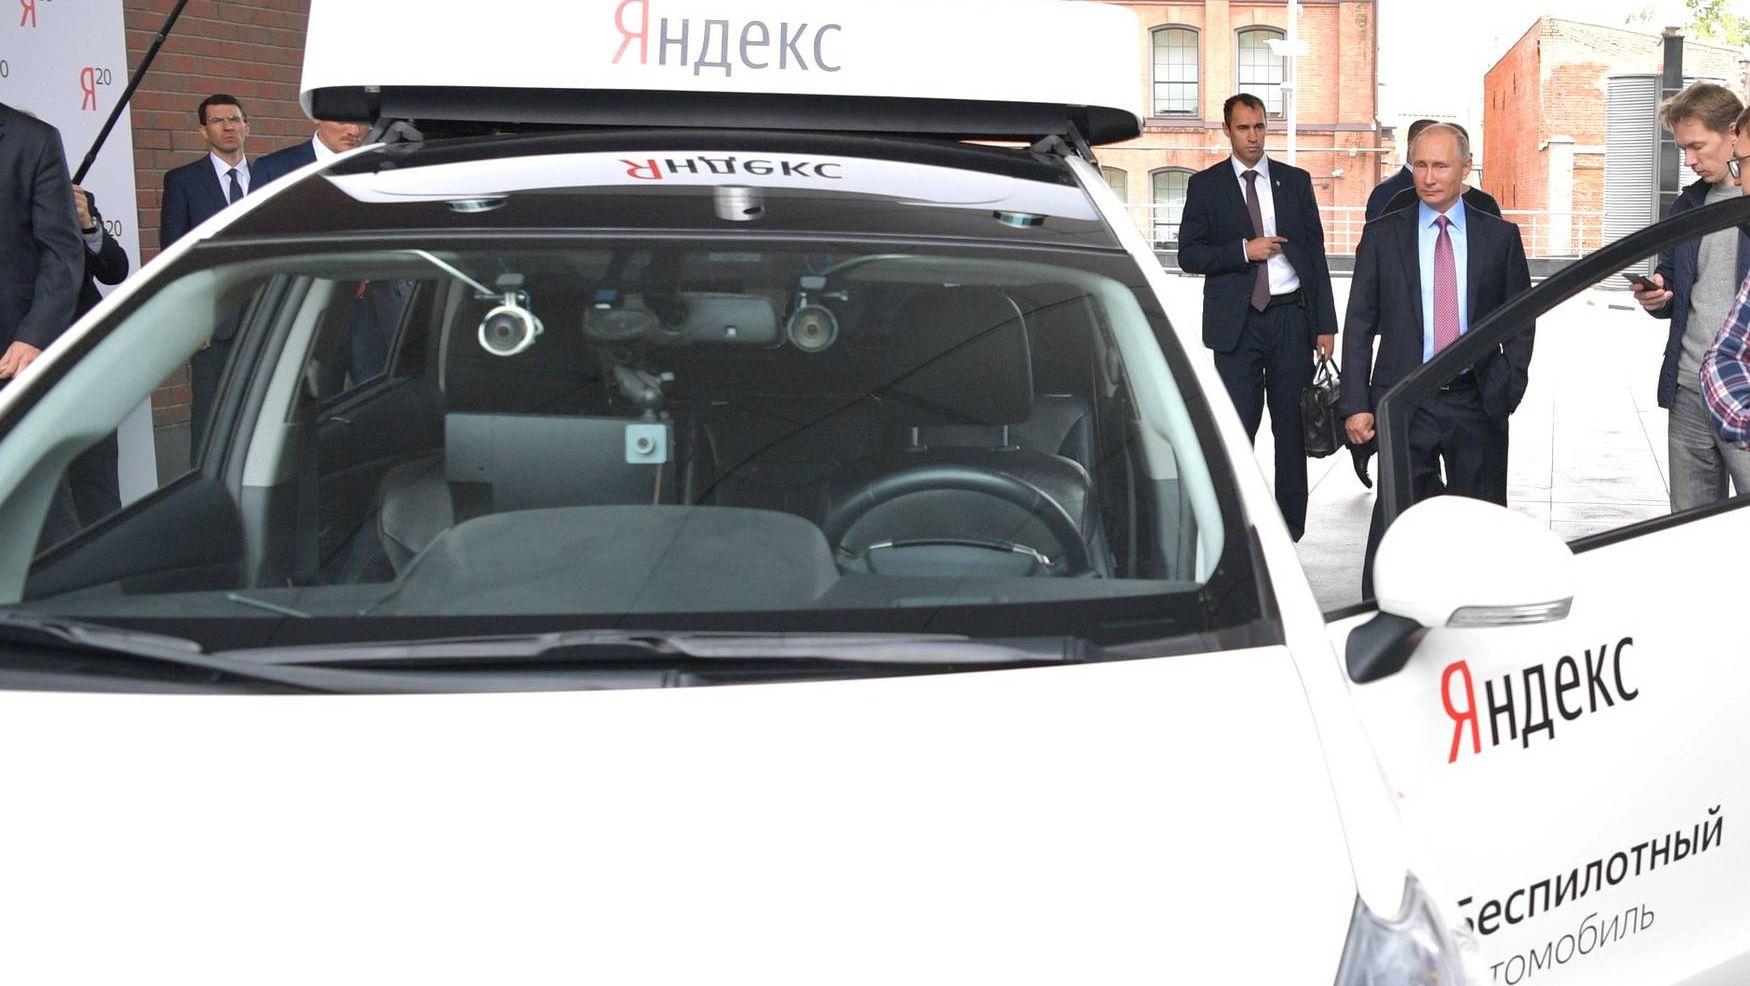 ПДД для беспилотных автомобилей появится в 2022 году